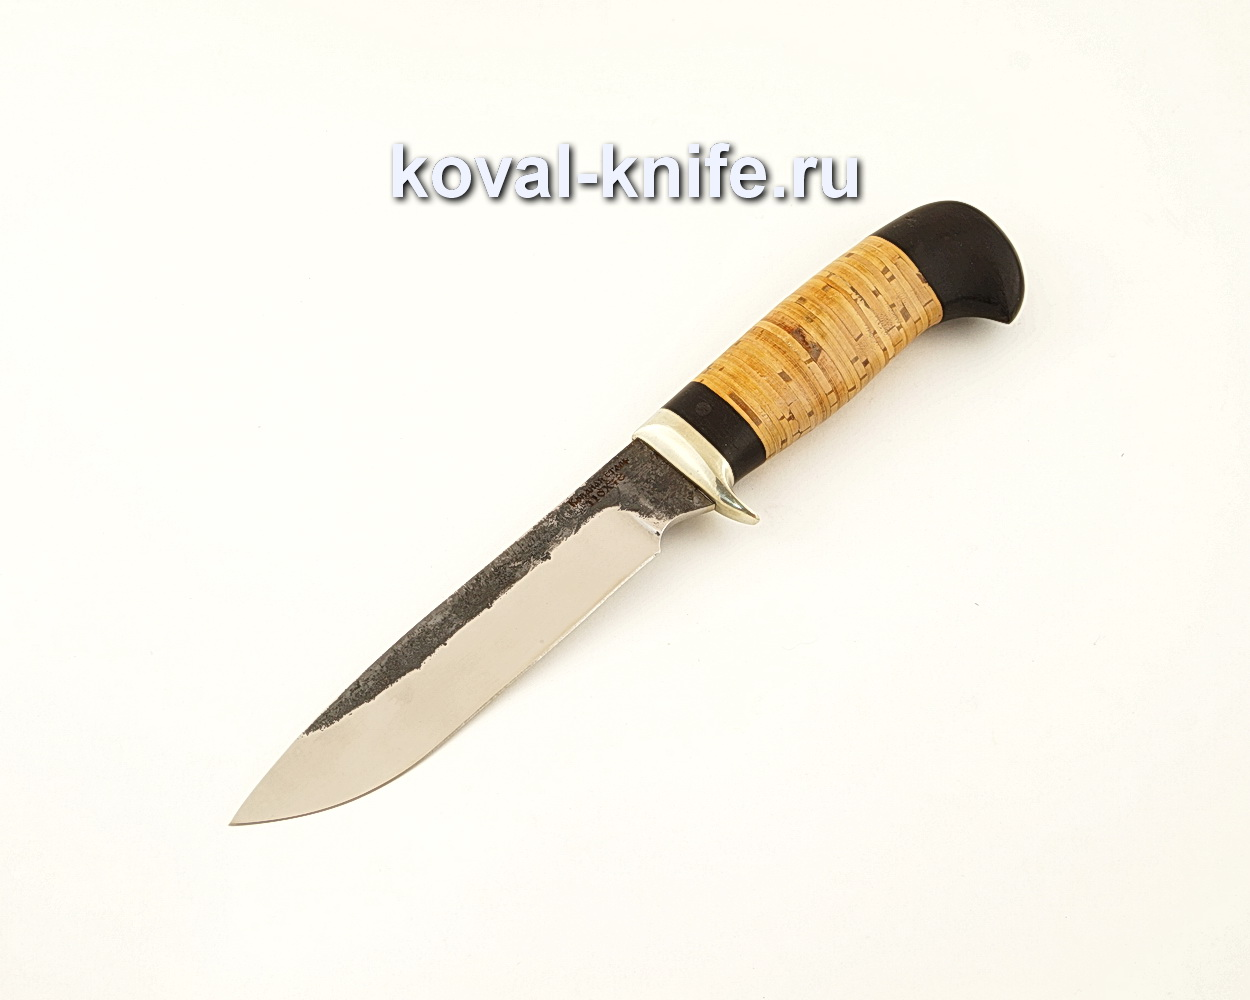 Нож Турист из кованой стали 110Х18 с рукоятью из бересты и граба  A625